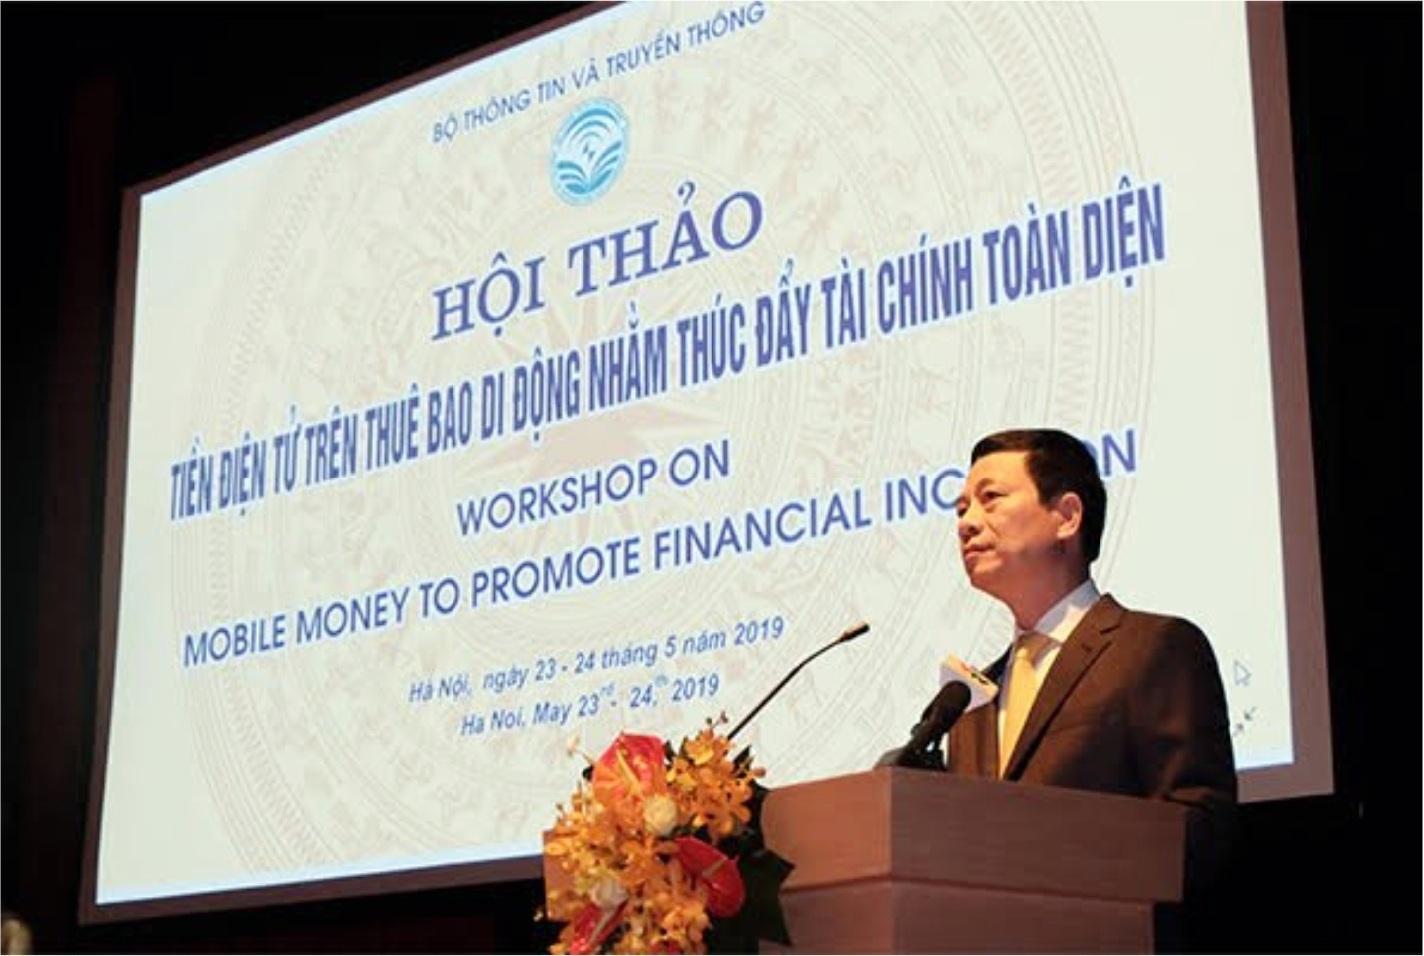 Toàn văn phát biểu của Bộ trưởng Nguyễn Mạnh Hùng tại Hội thảo Tiền điện tử trên thuê bao di động - Mobile Money